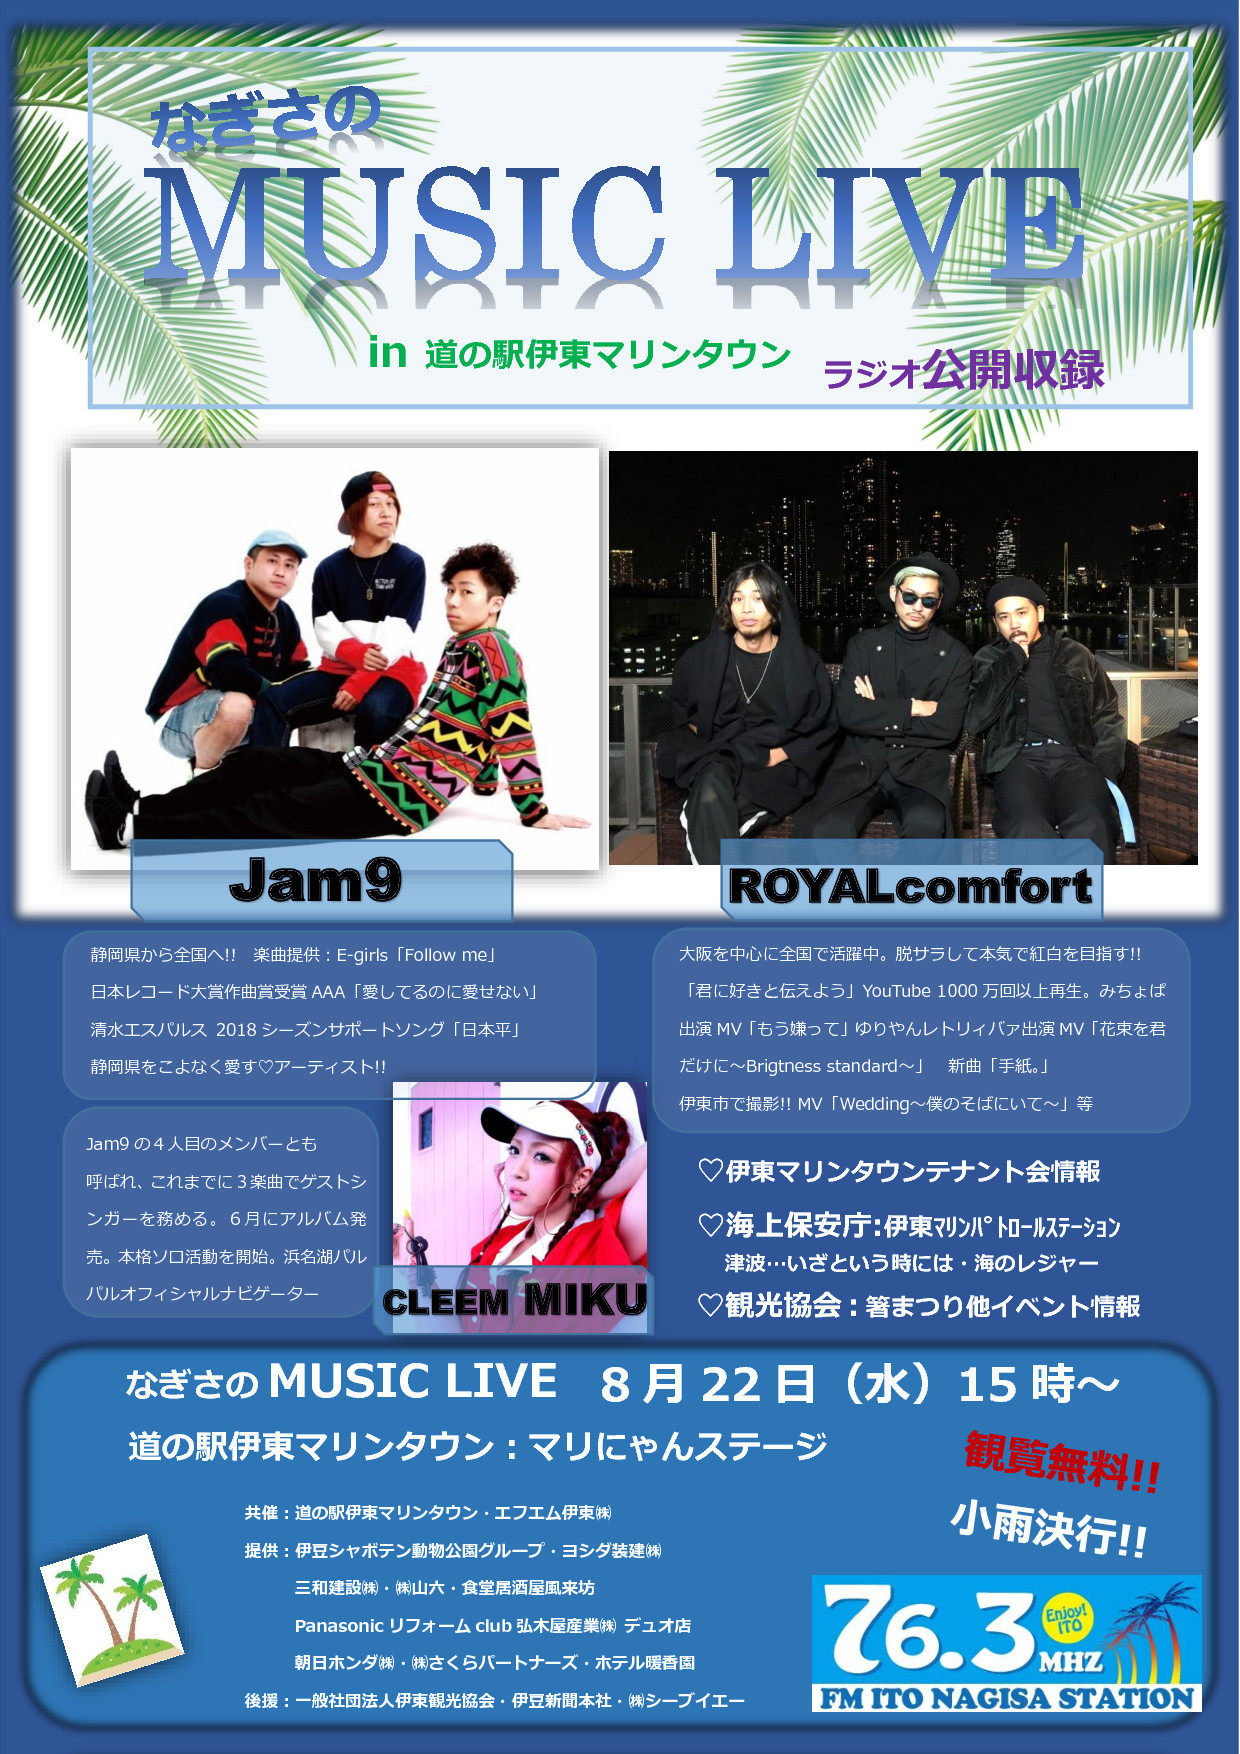 なぎさのMUSIC LIVE in 道の駅伊東マリンタウン 8/22(水)15時〜